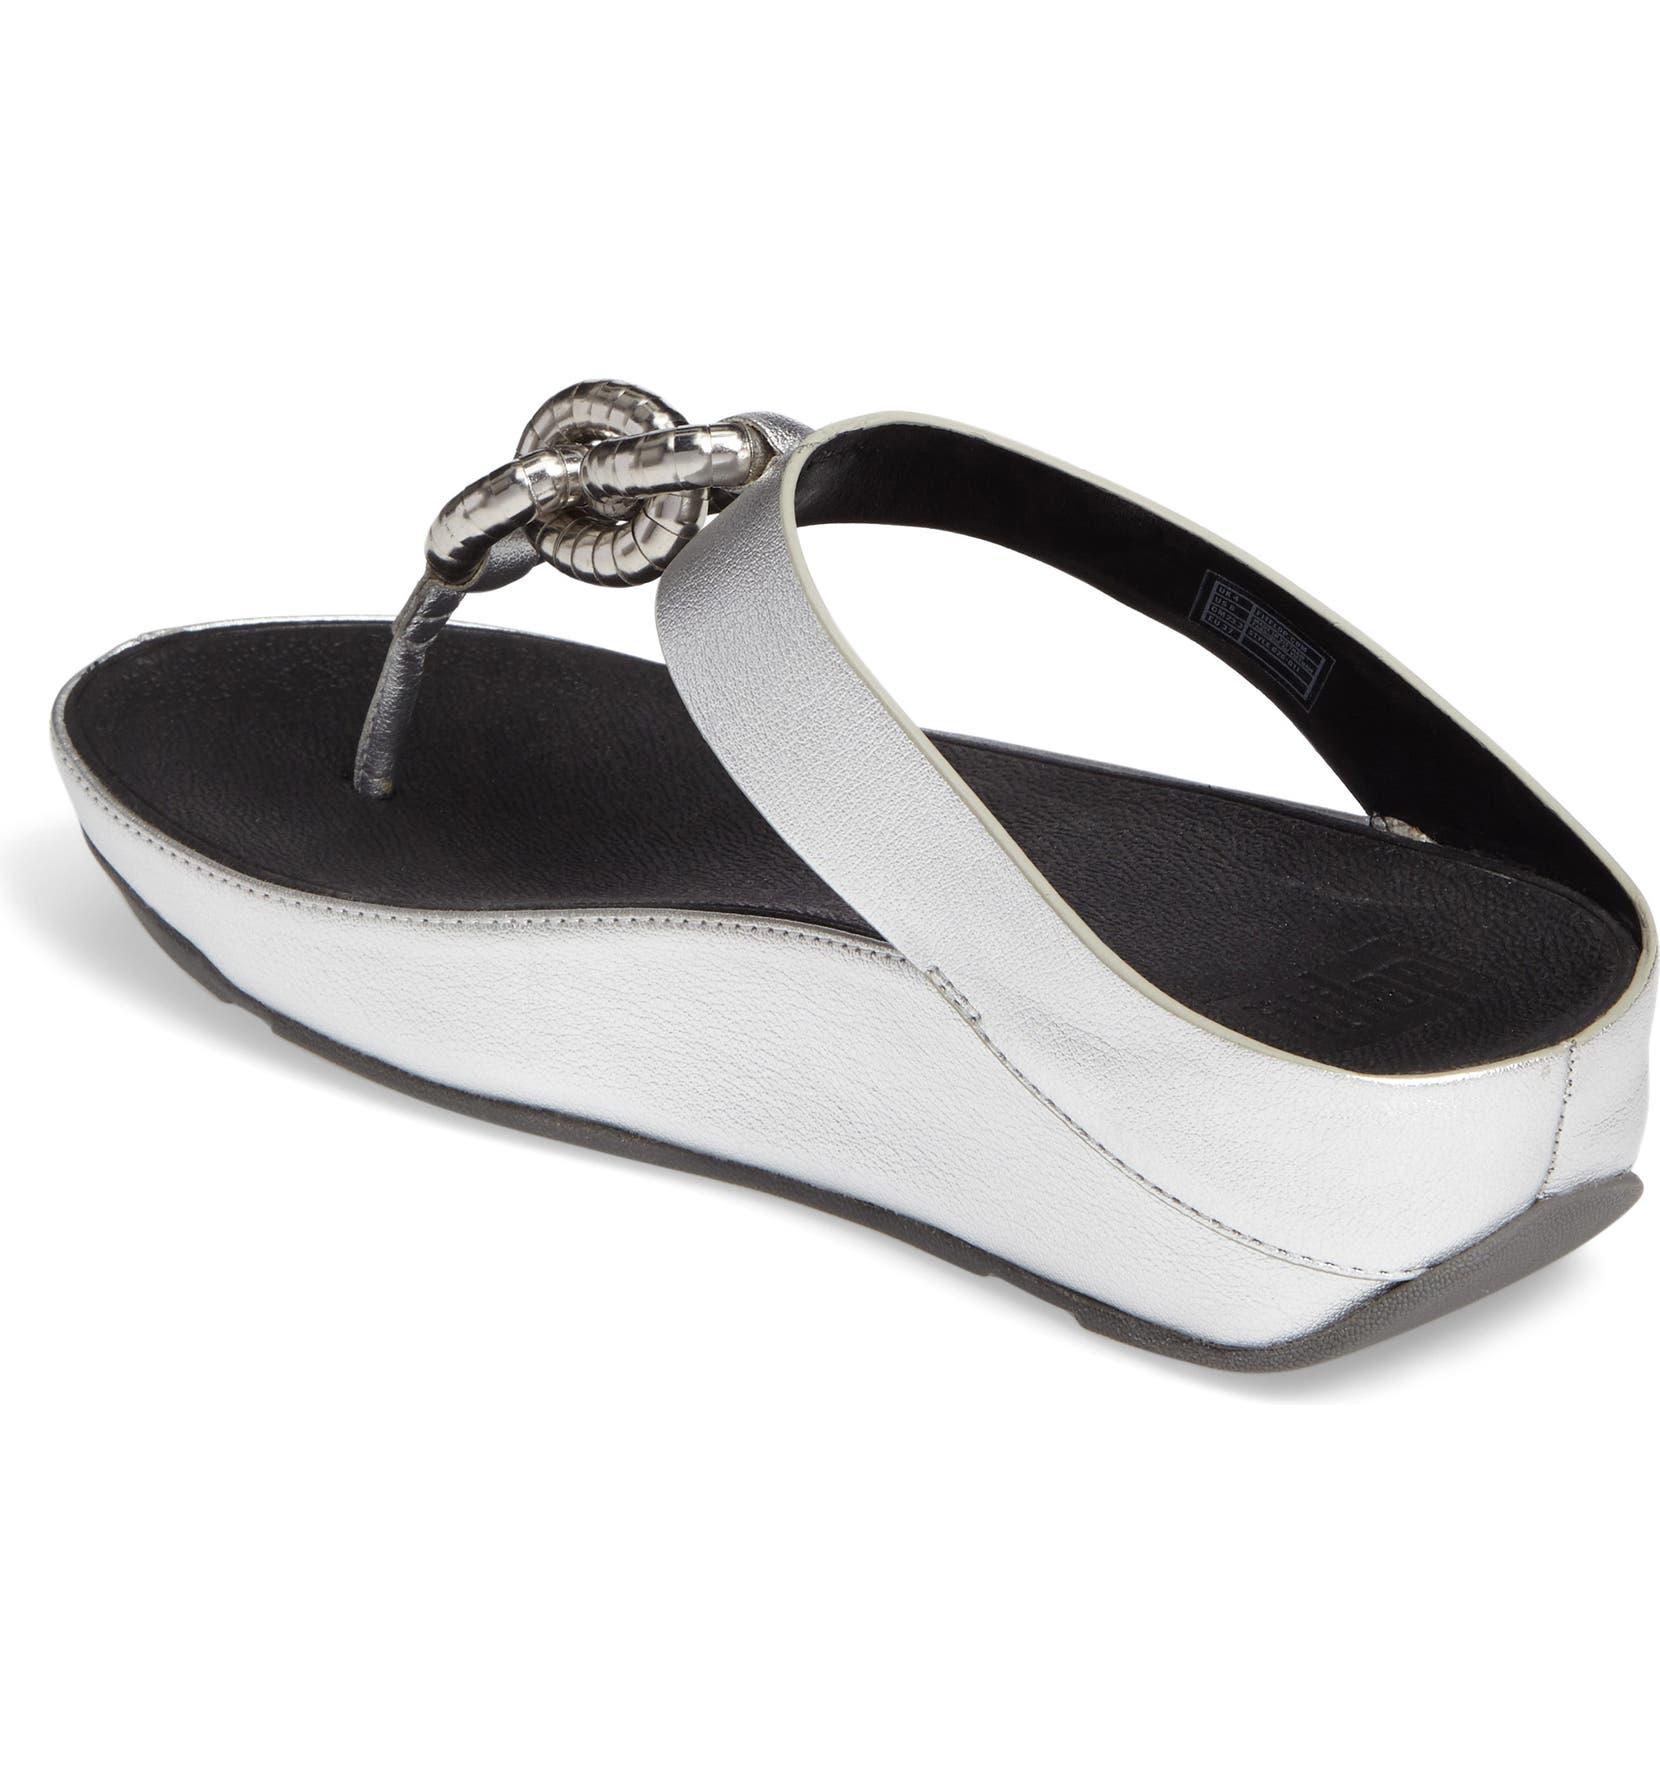 4e4ec144afcd66 FitFlop™ Superchain Platform Thong Sandal (Women)